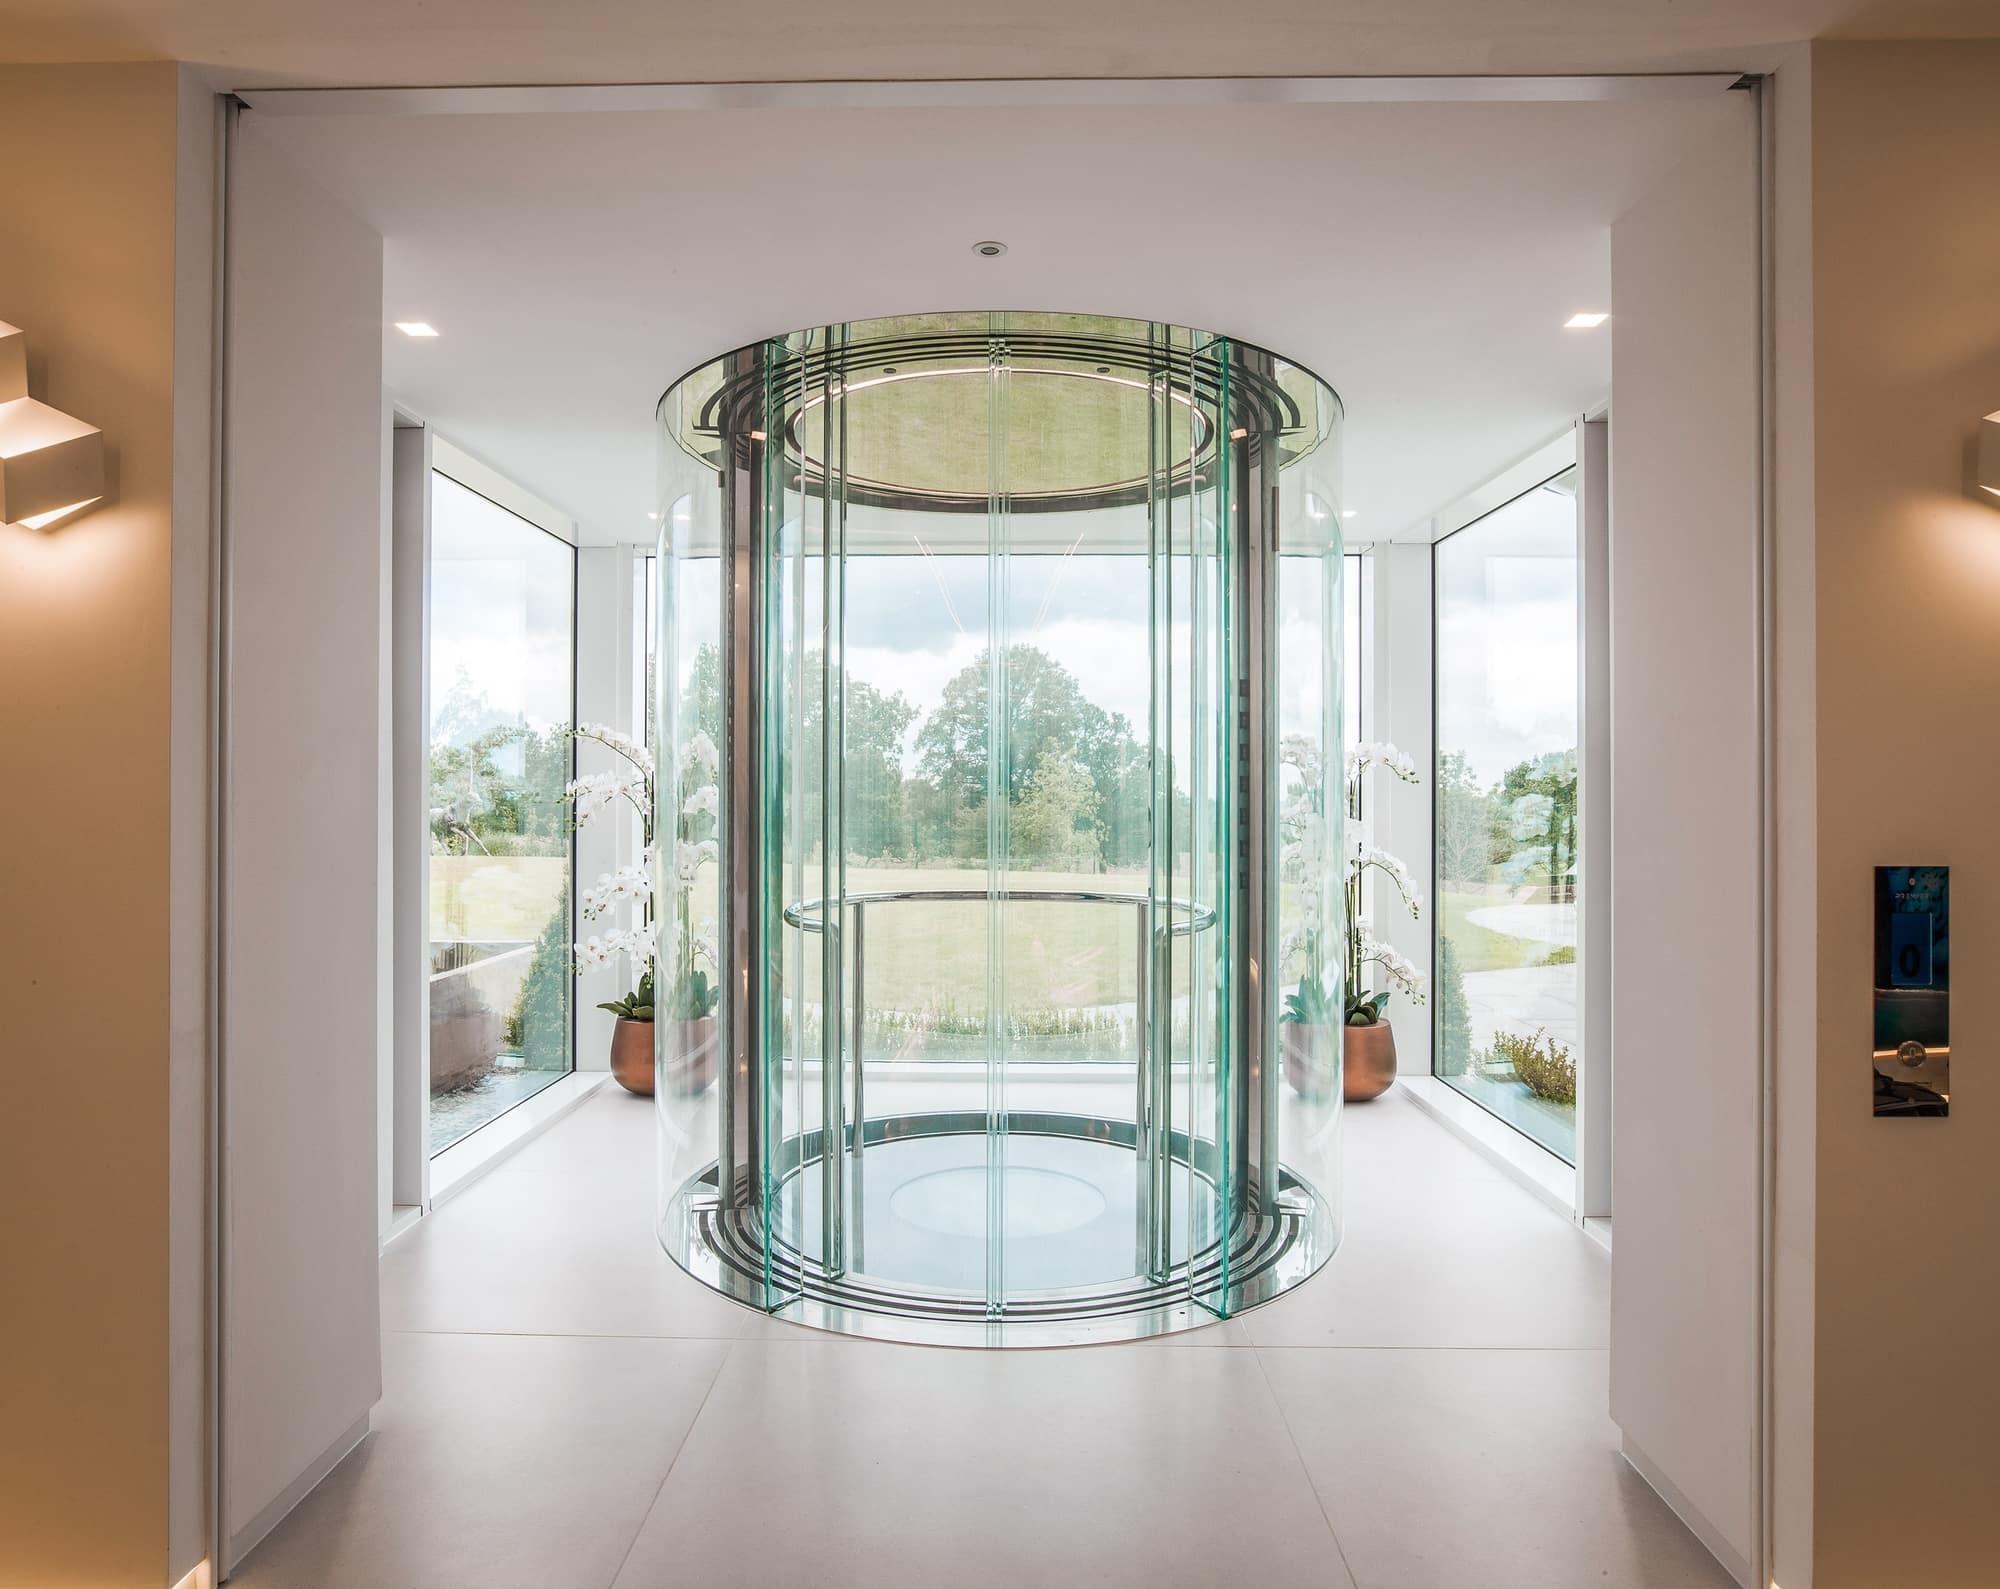 """Thang máy lồng kính đang là """"chất liệu kiến trúc"""" được ưa chuộng khắp thế giới"""